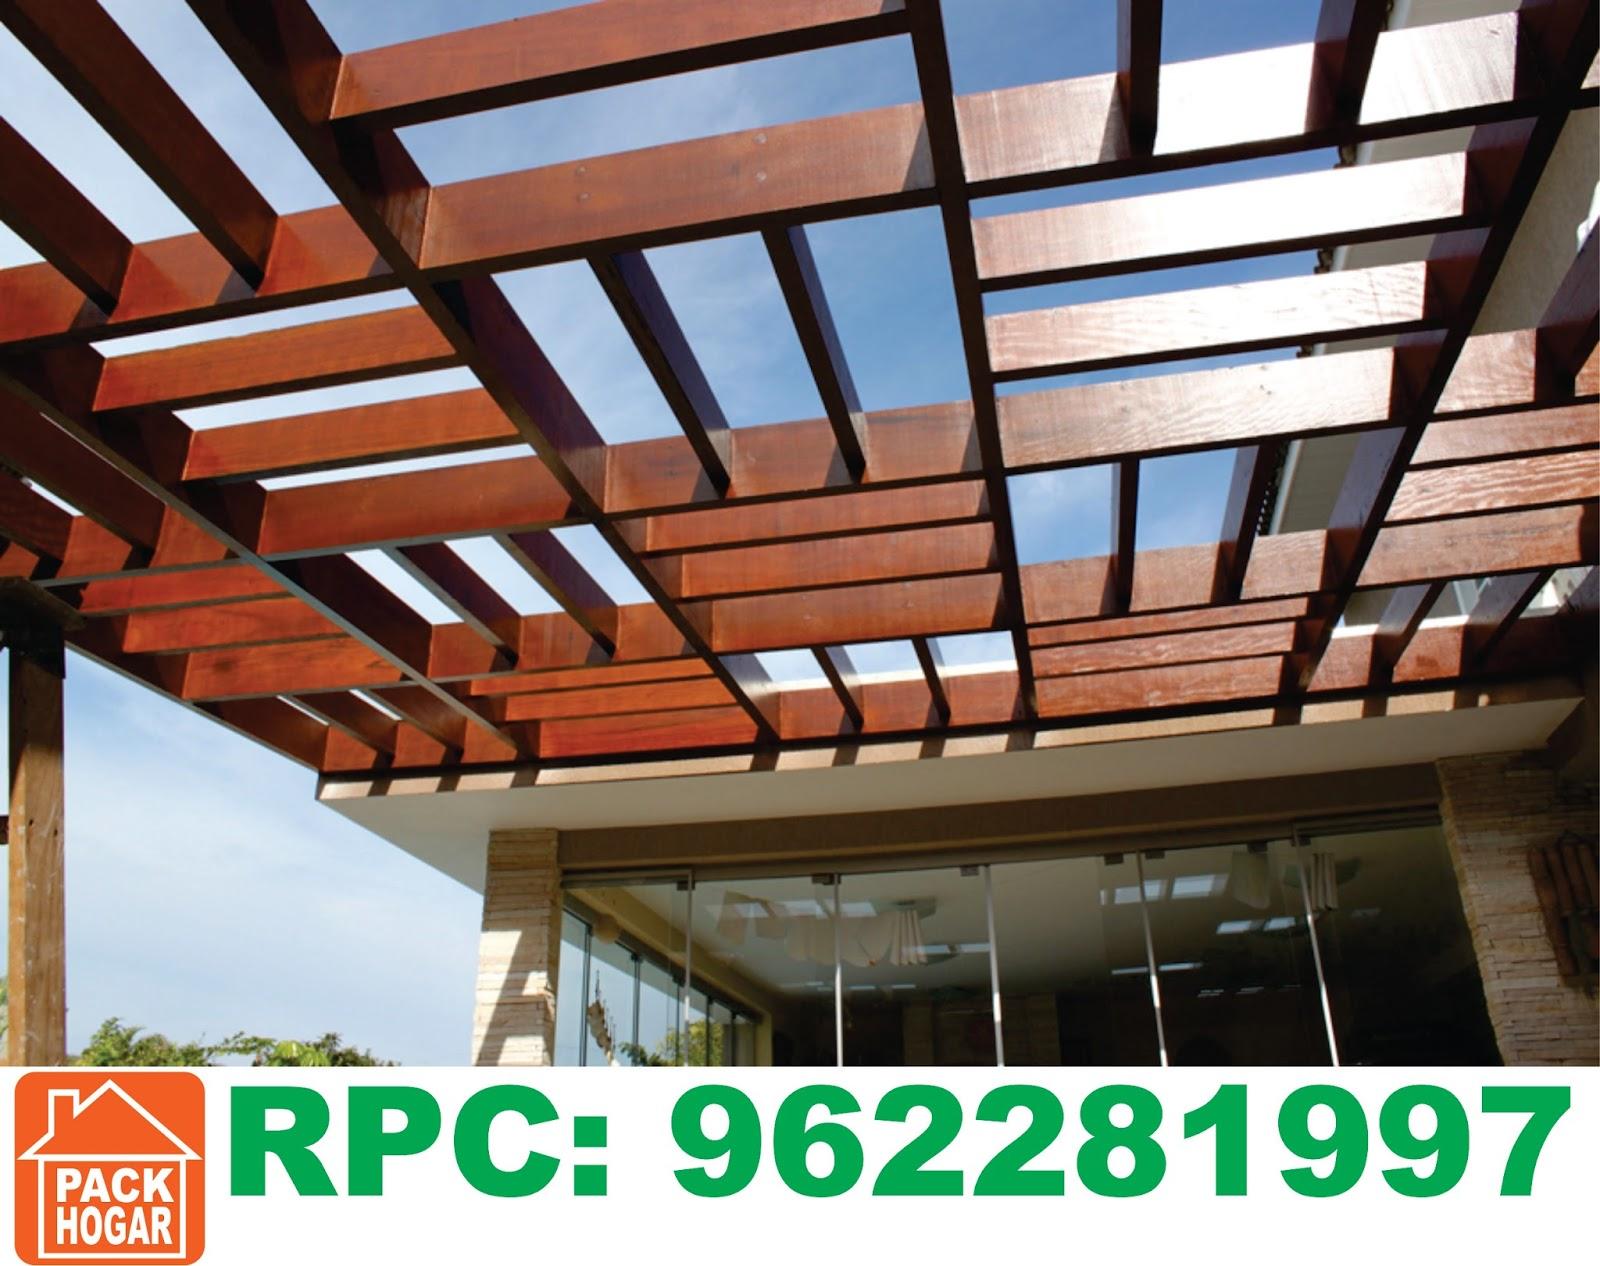 Pergolas sol y sombra techos de madera lima - Techo desmontable madera ...